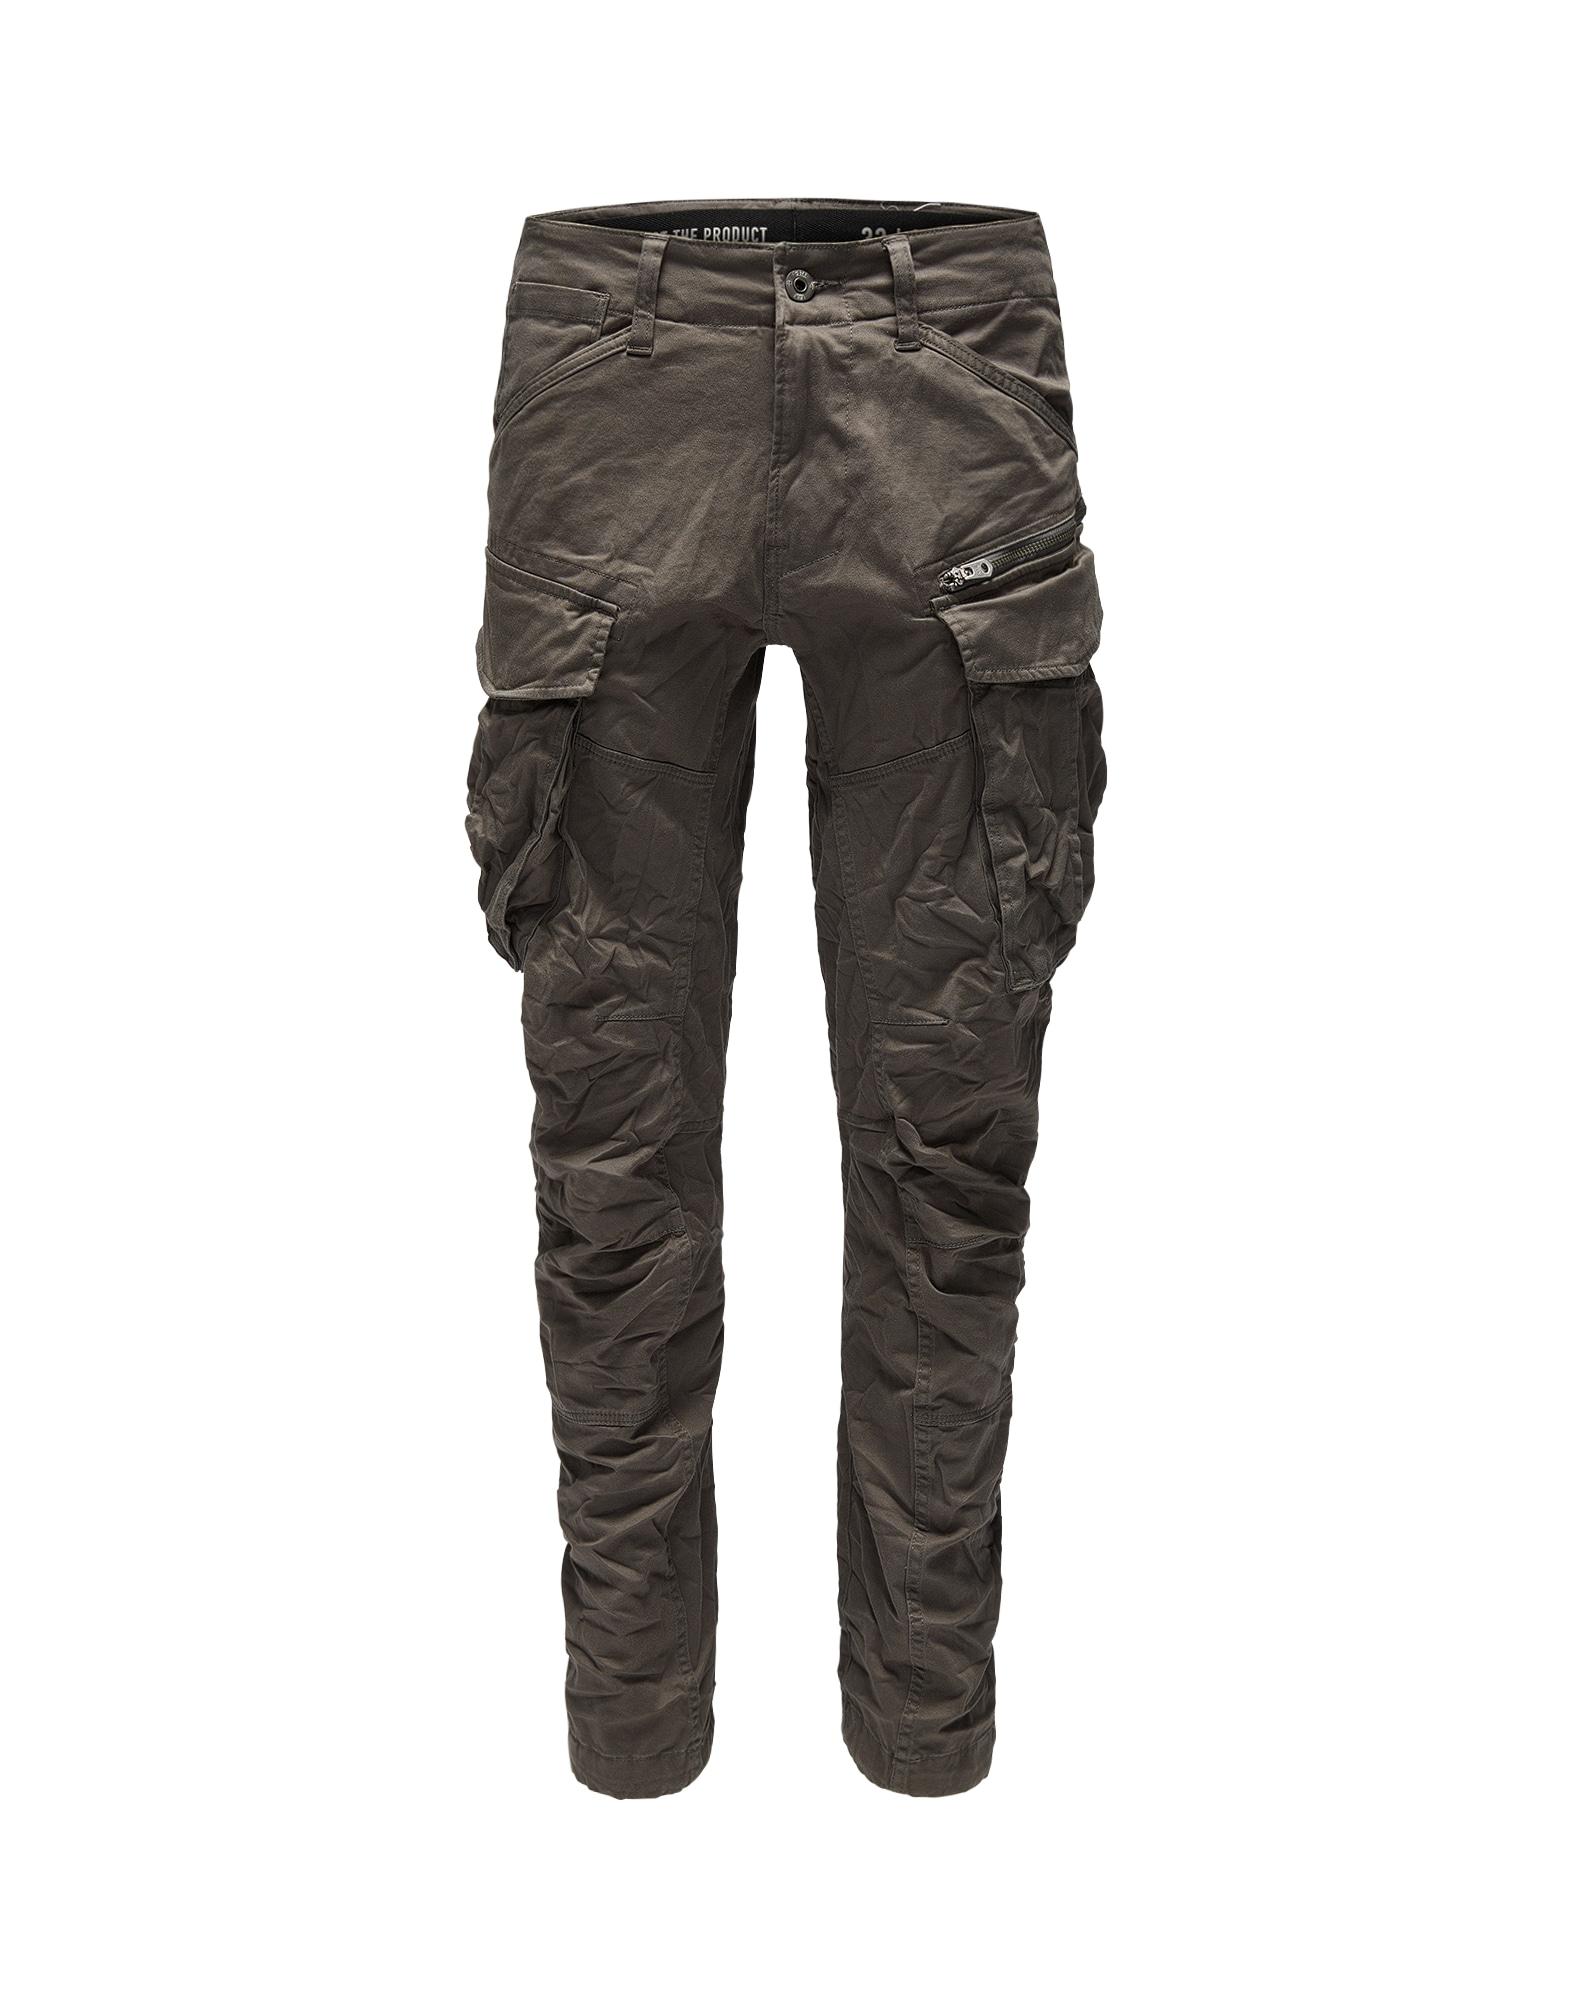 G-Star RAW Laisvo stiliaus kelnės 'Rovic 3D Tapered' rusvai žalia